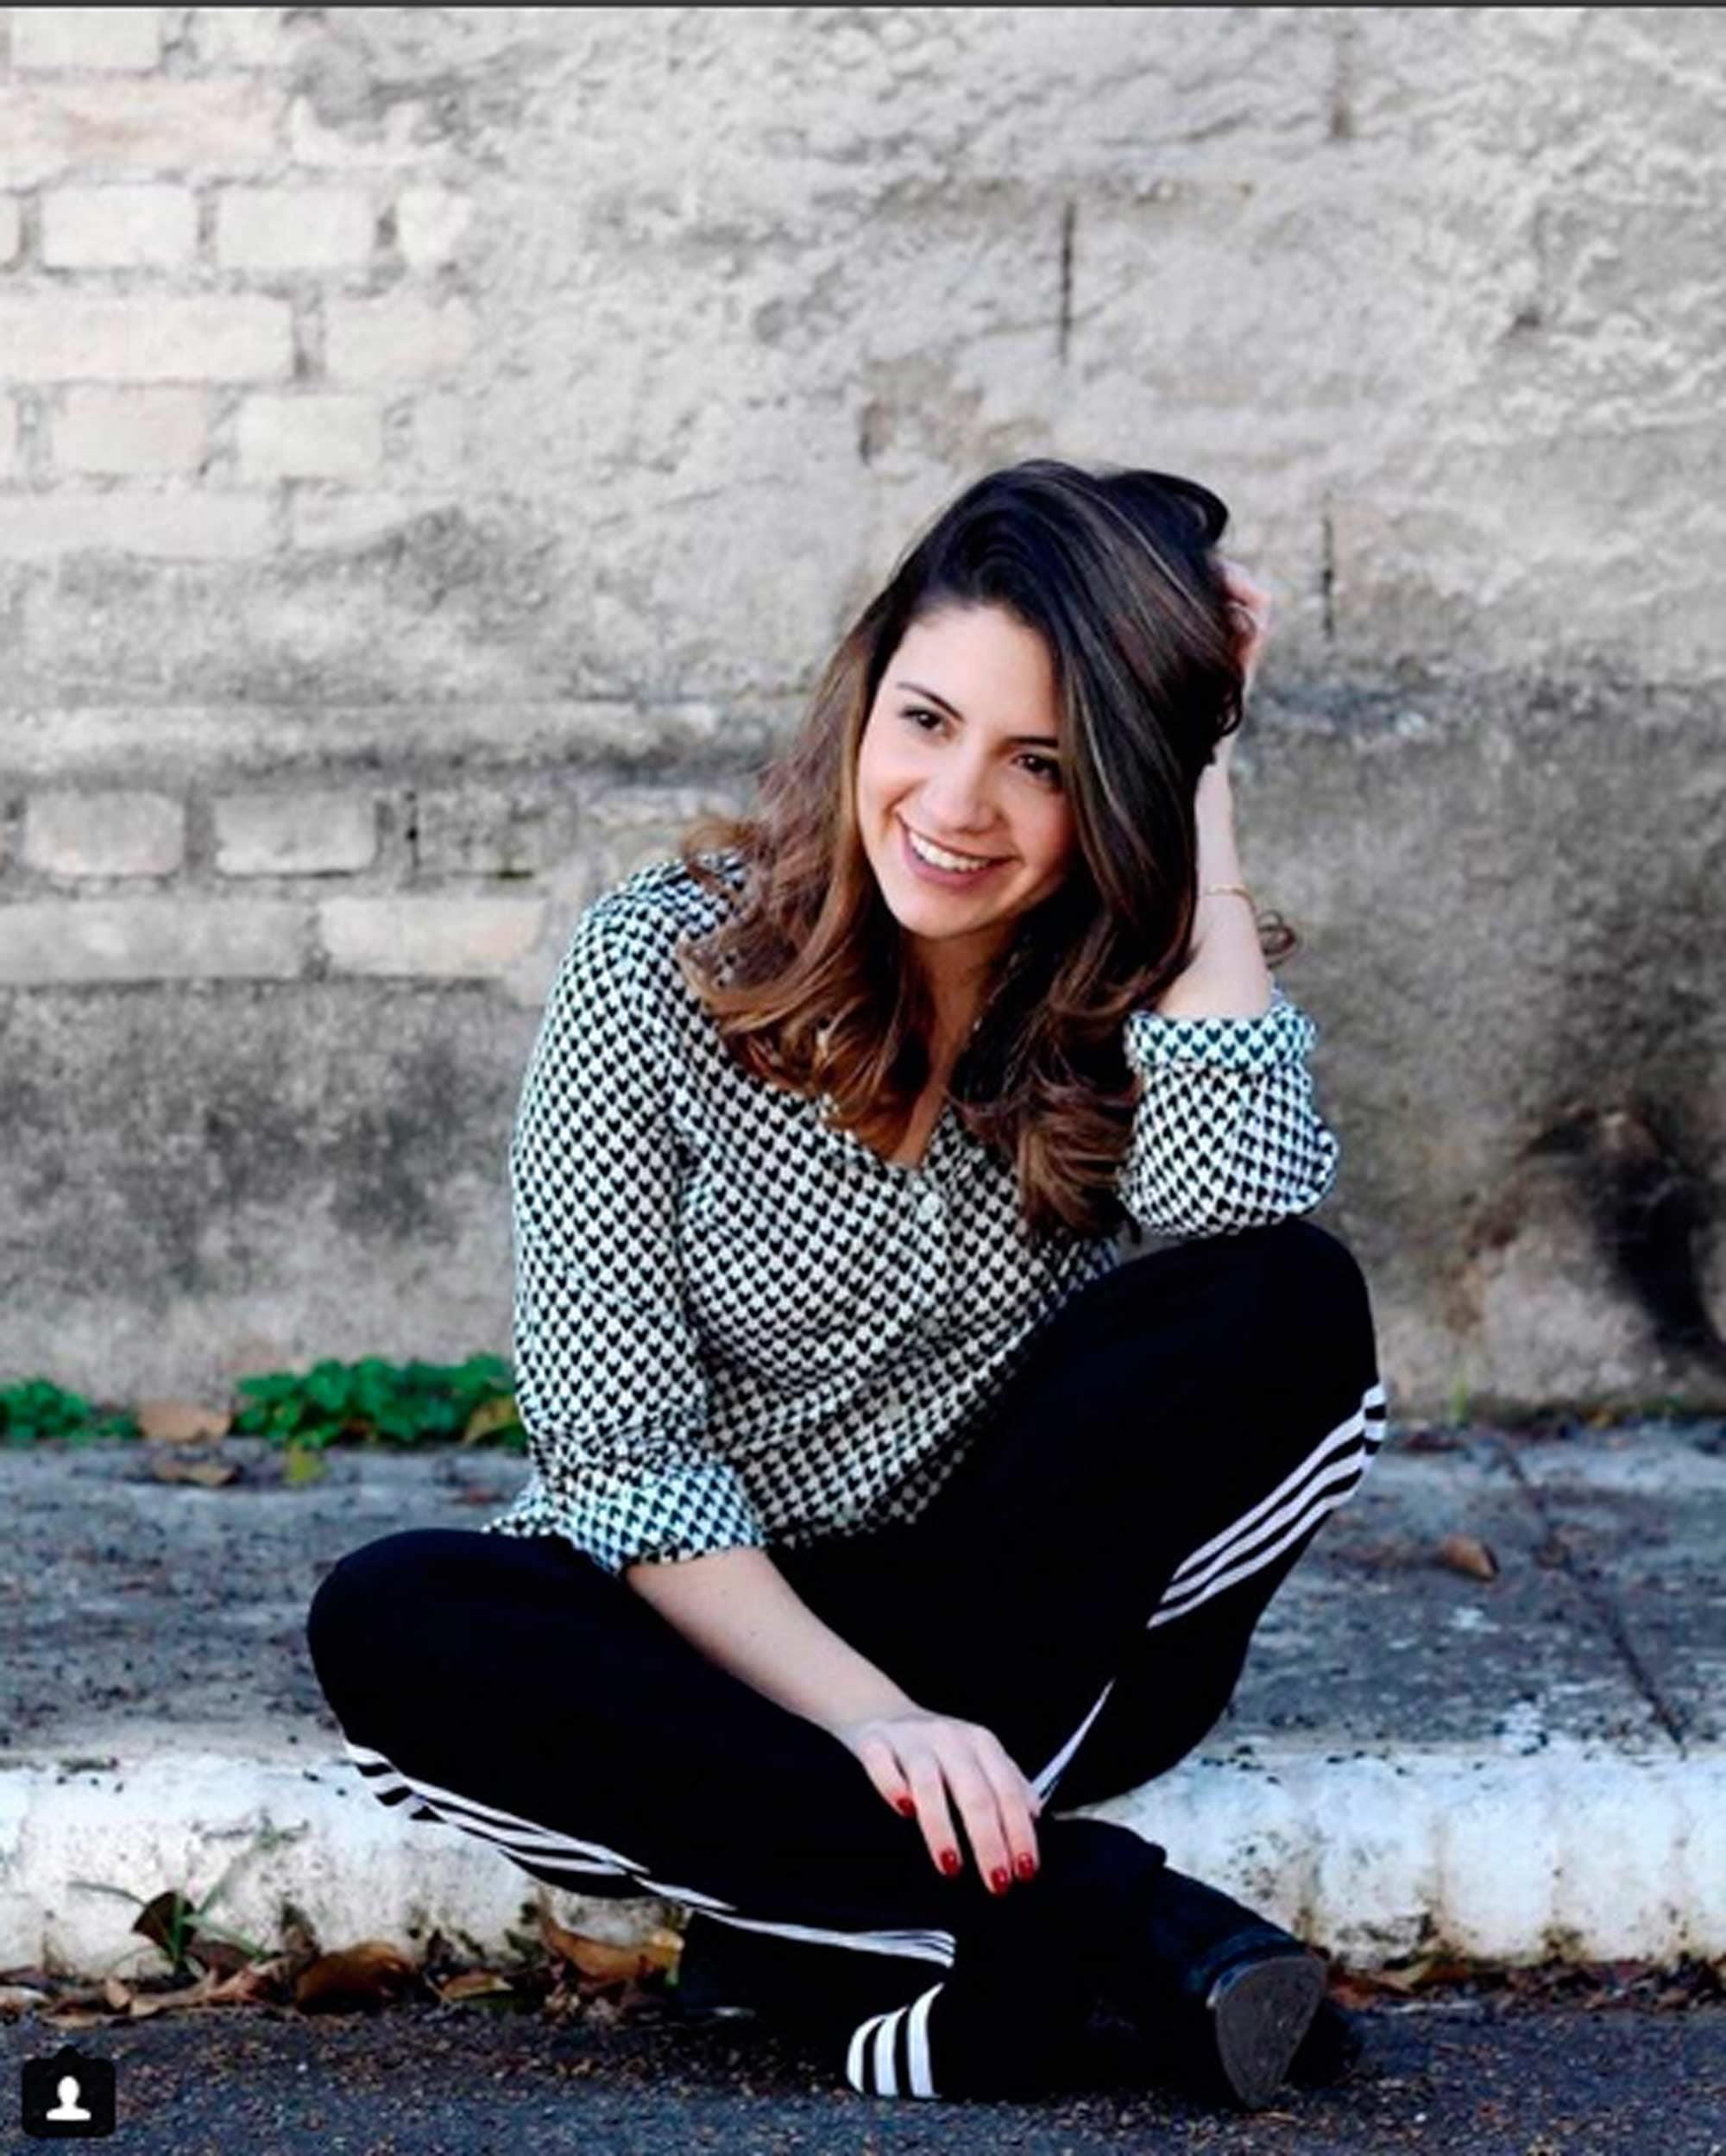 Ana Soares do blog Ana do Dia